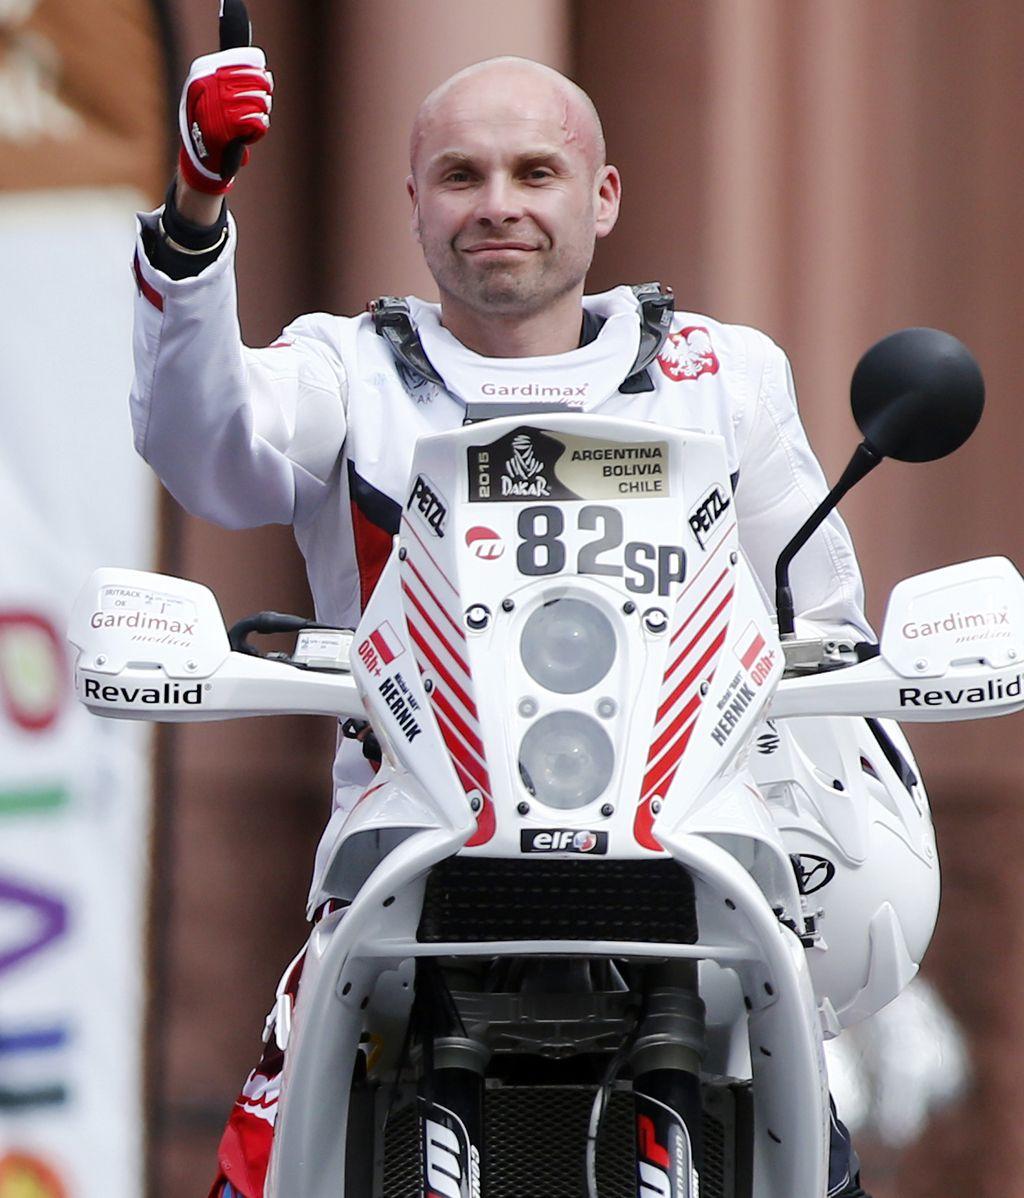 Hallado sin vida el piloto polaco Michal Hernik durante una etapa del Rally Dakar en Argentina